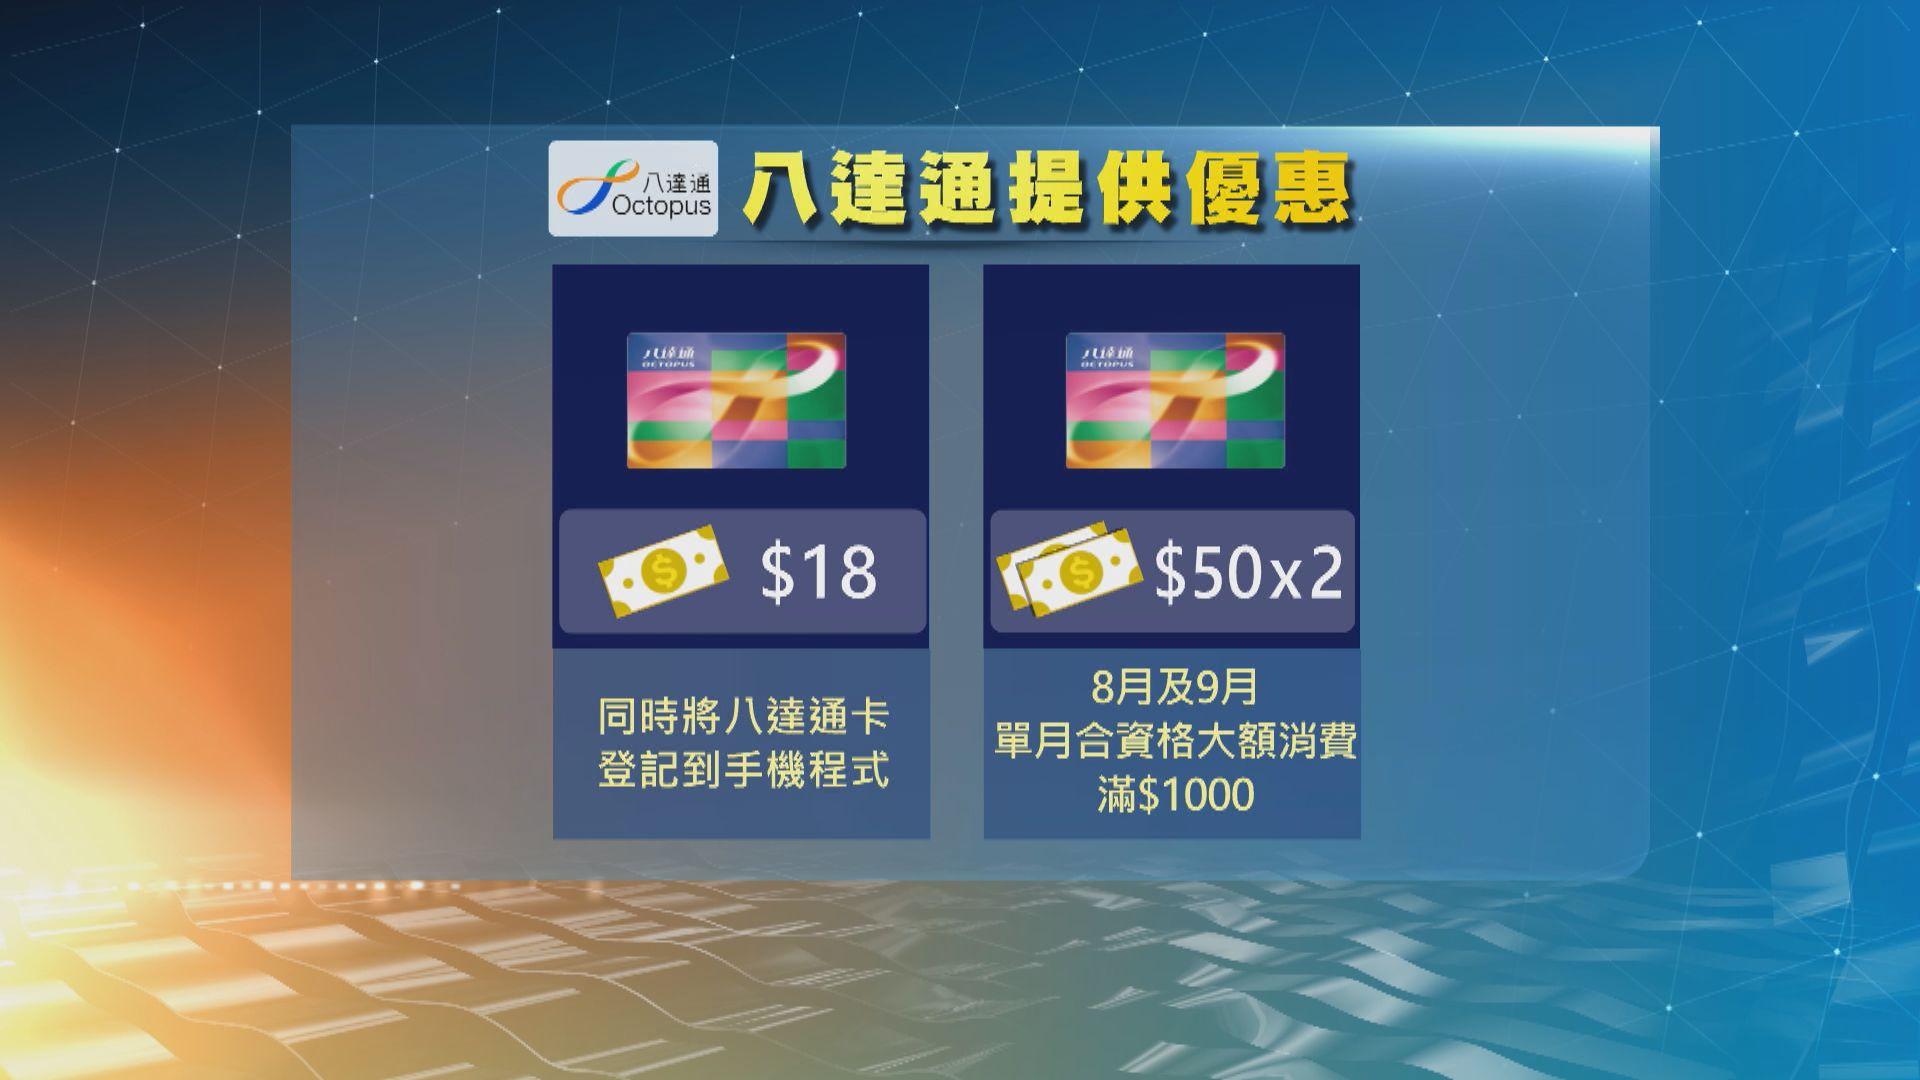 八達通支付寶公布優惠 預早登記消費券可獲額外儲值額